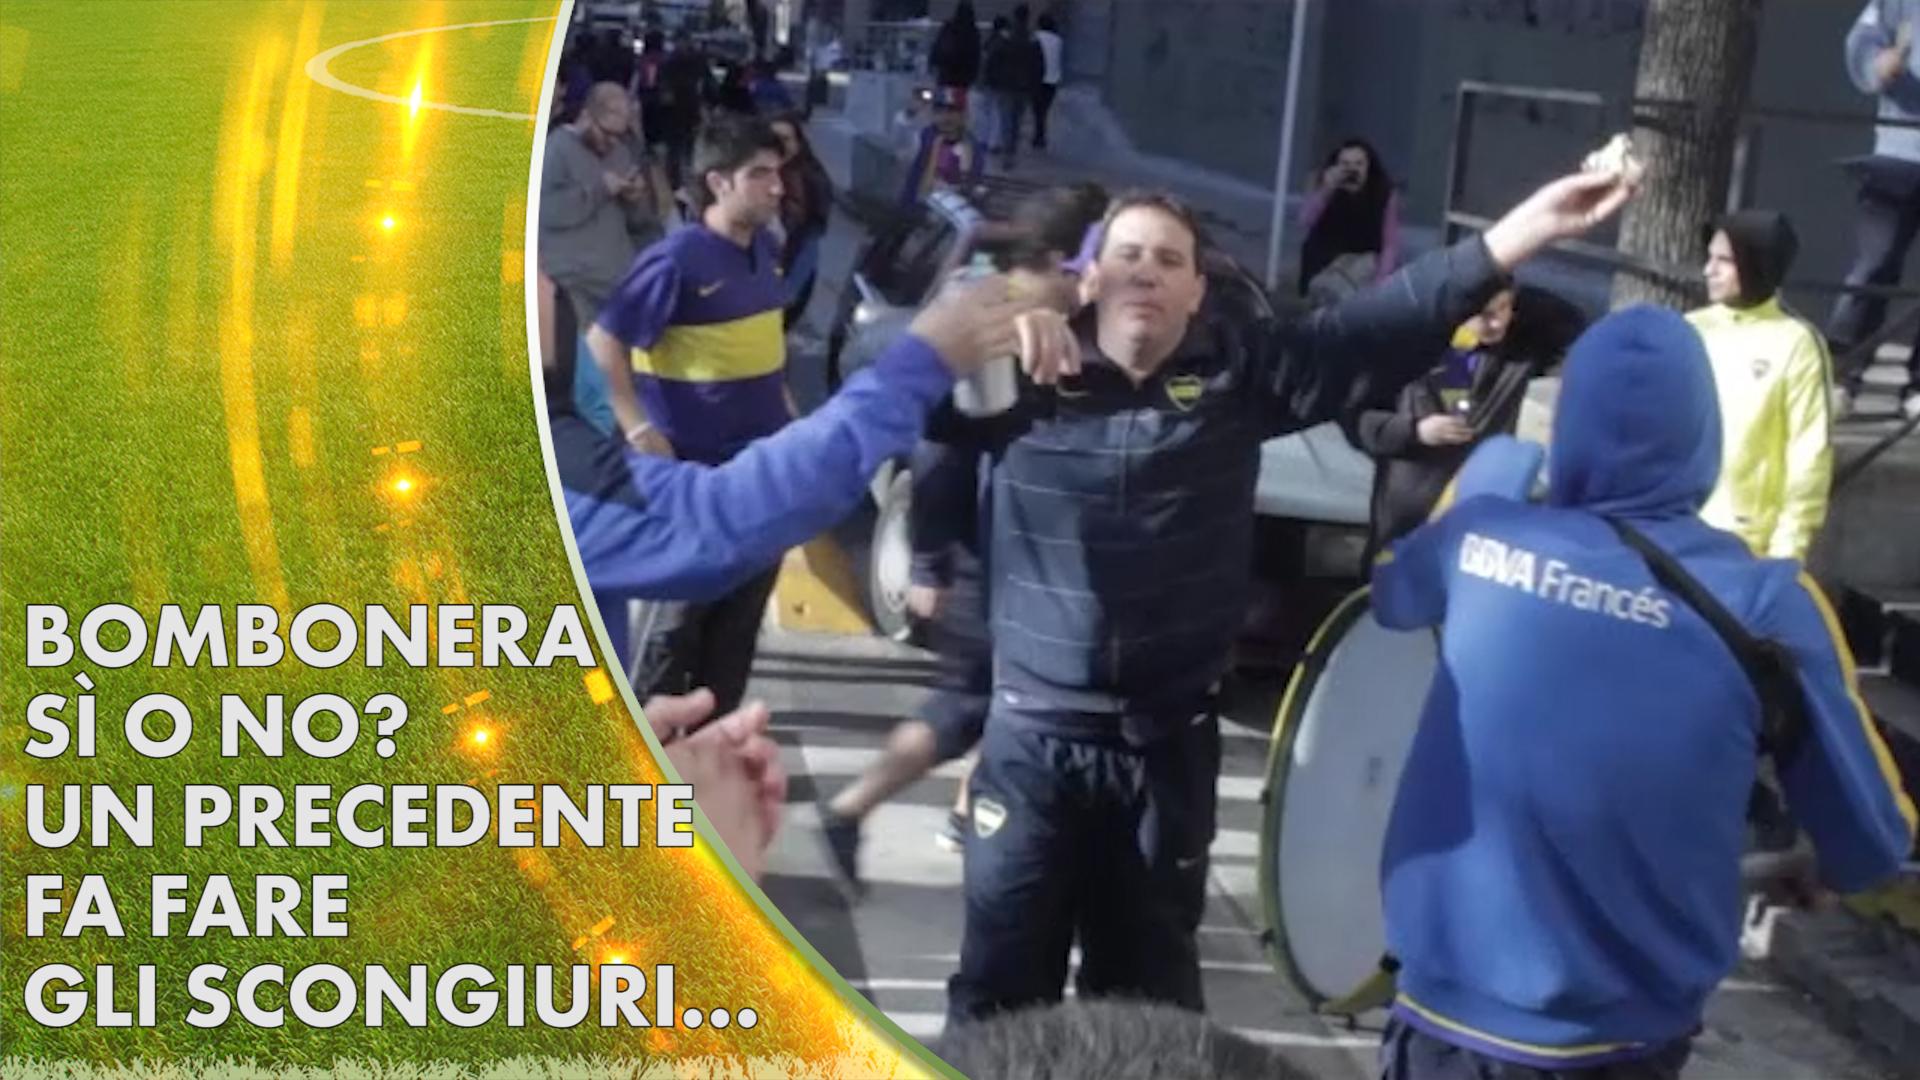 L'Argentina vuole la Bombonera, ma forse e' meglio di no